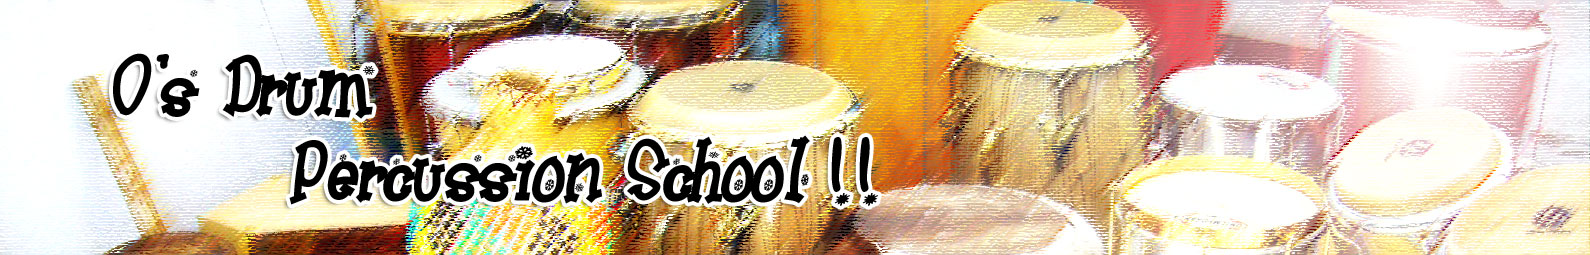 大阪 奈良 京都 からもアクセス ドラムスクール パーカッションスクール ポルトガル語教室 の O'sドラム パーカッション教室